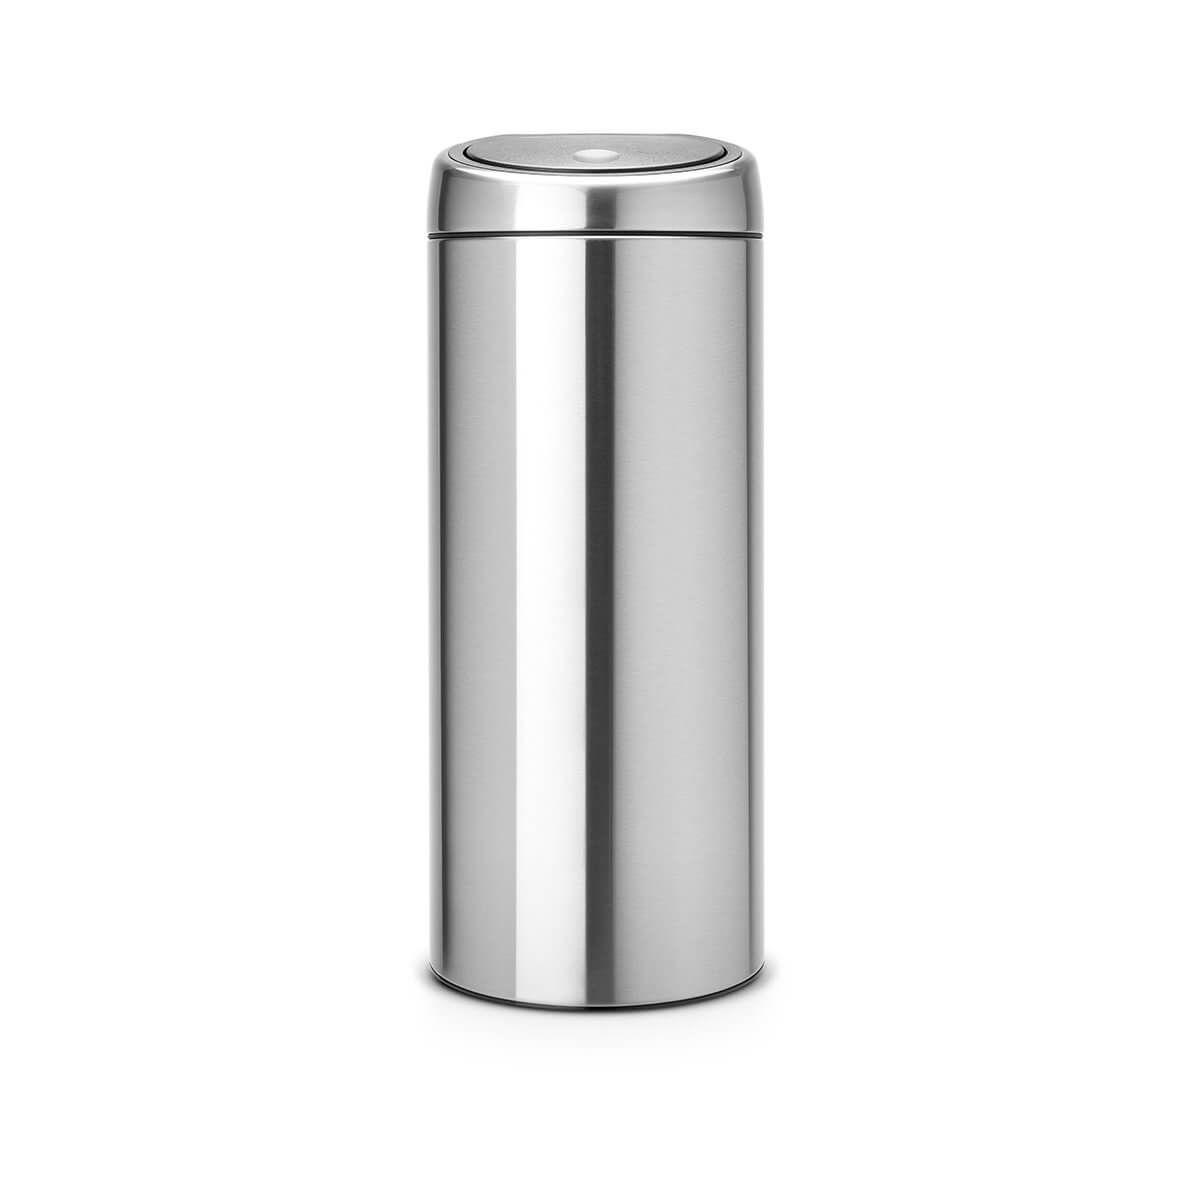 Poubelle manuelle BRABANTIA Touch Bin new 30L matt steel